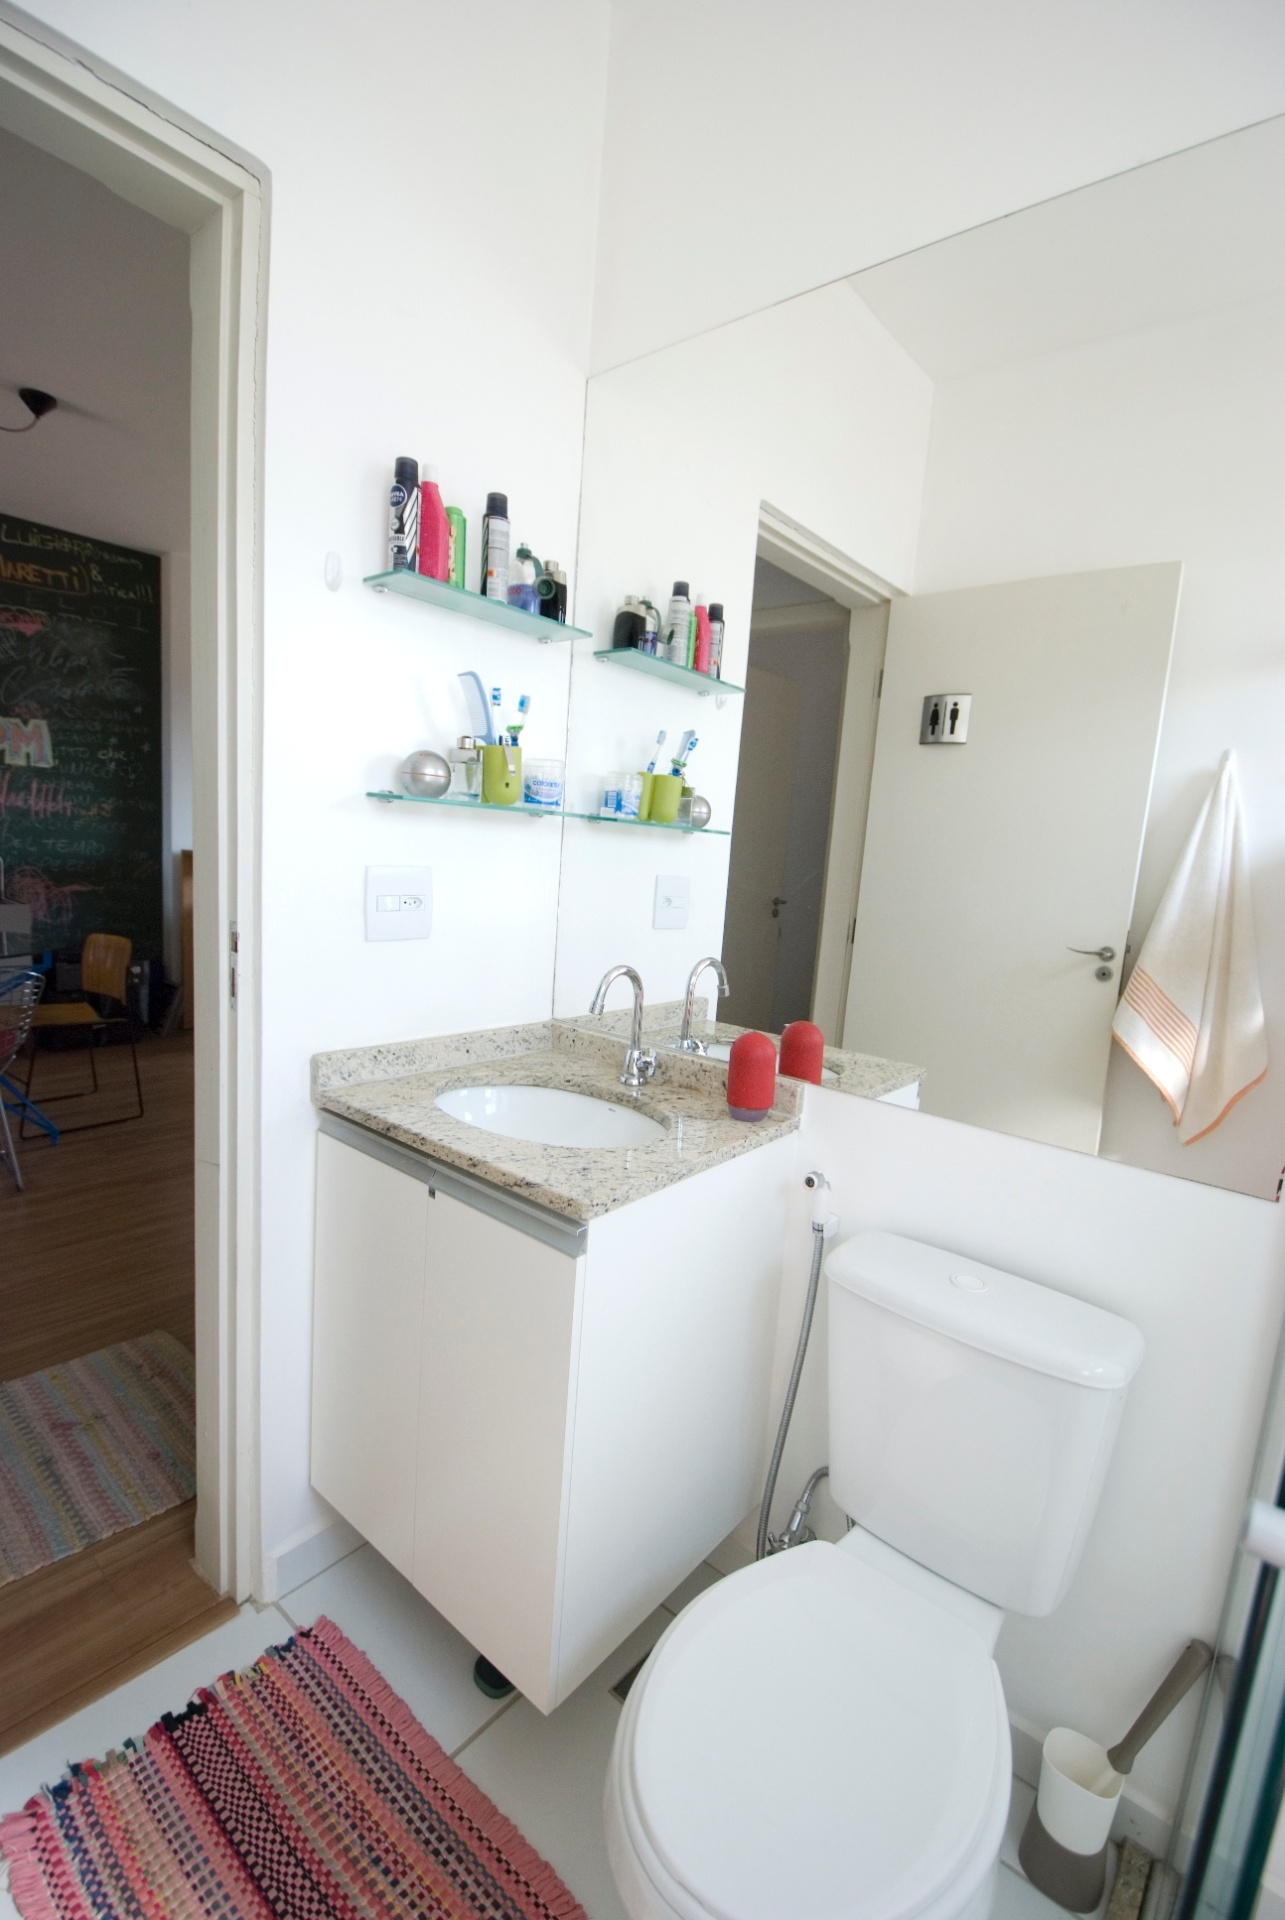 Espelho Banheiro Grande  gotoworldfrcom decoração de banheiro simples de pobre -> Banheiro Decorado Com Gabinete De Vidro